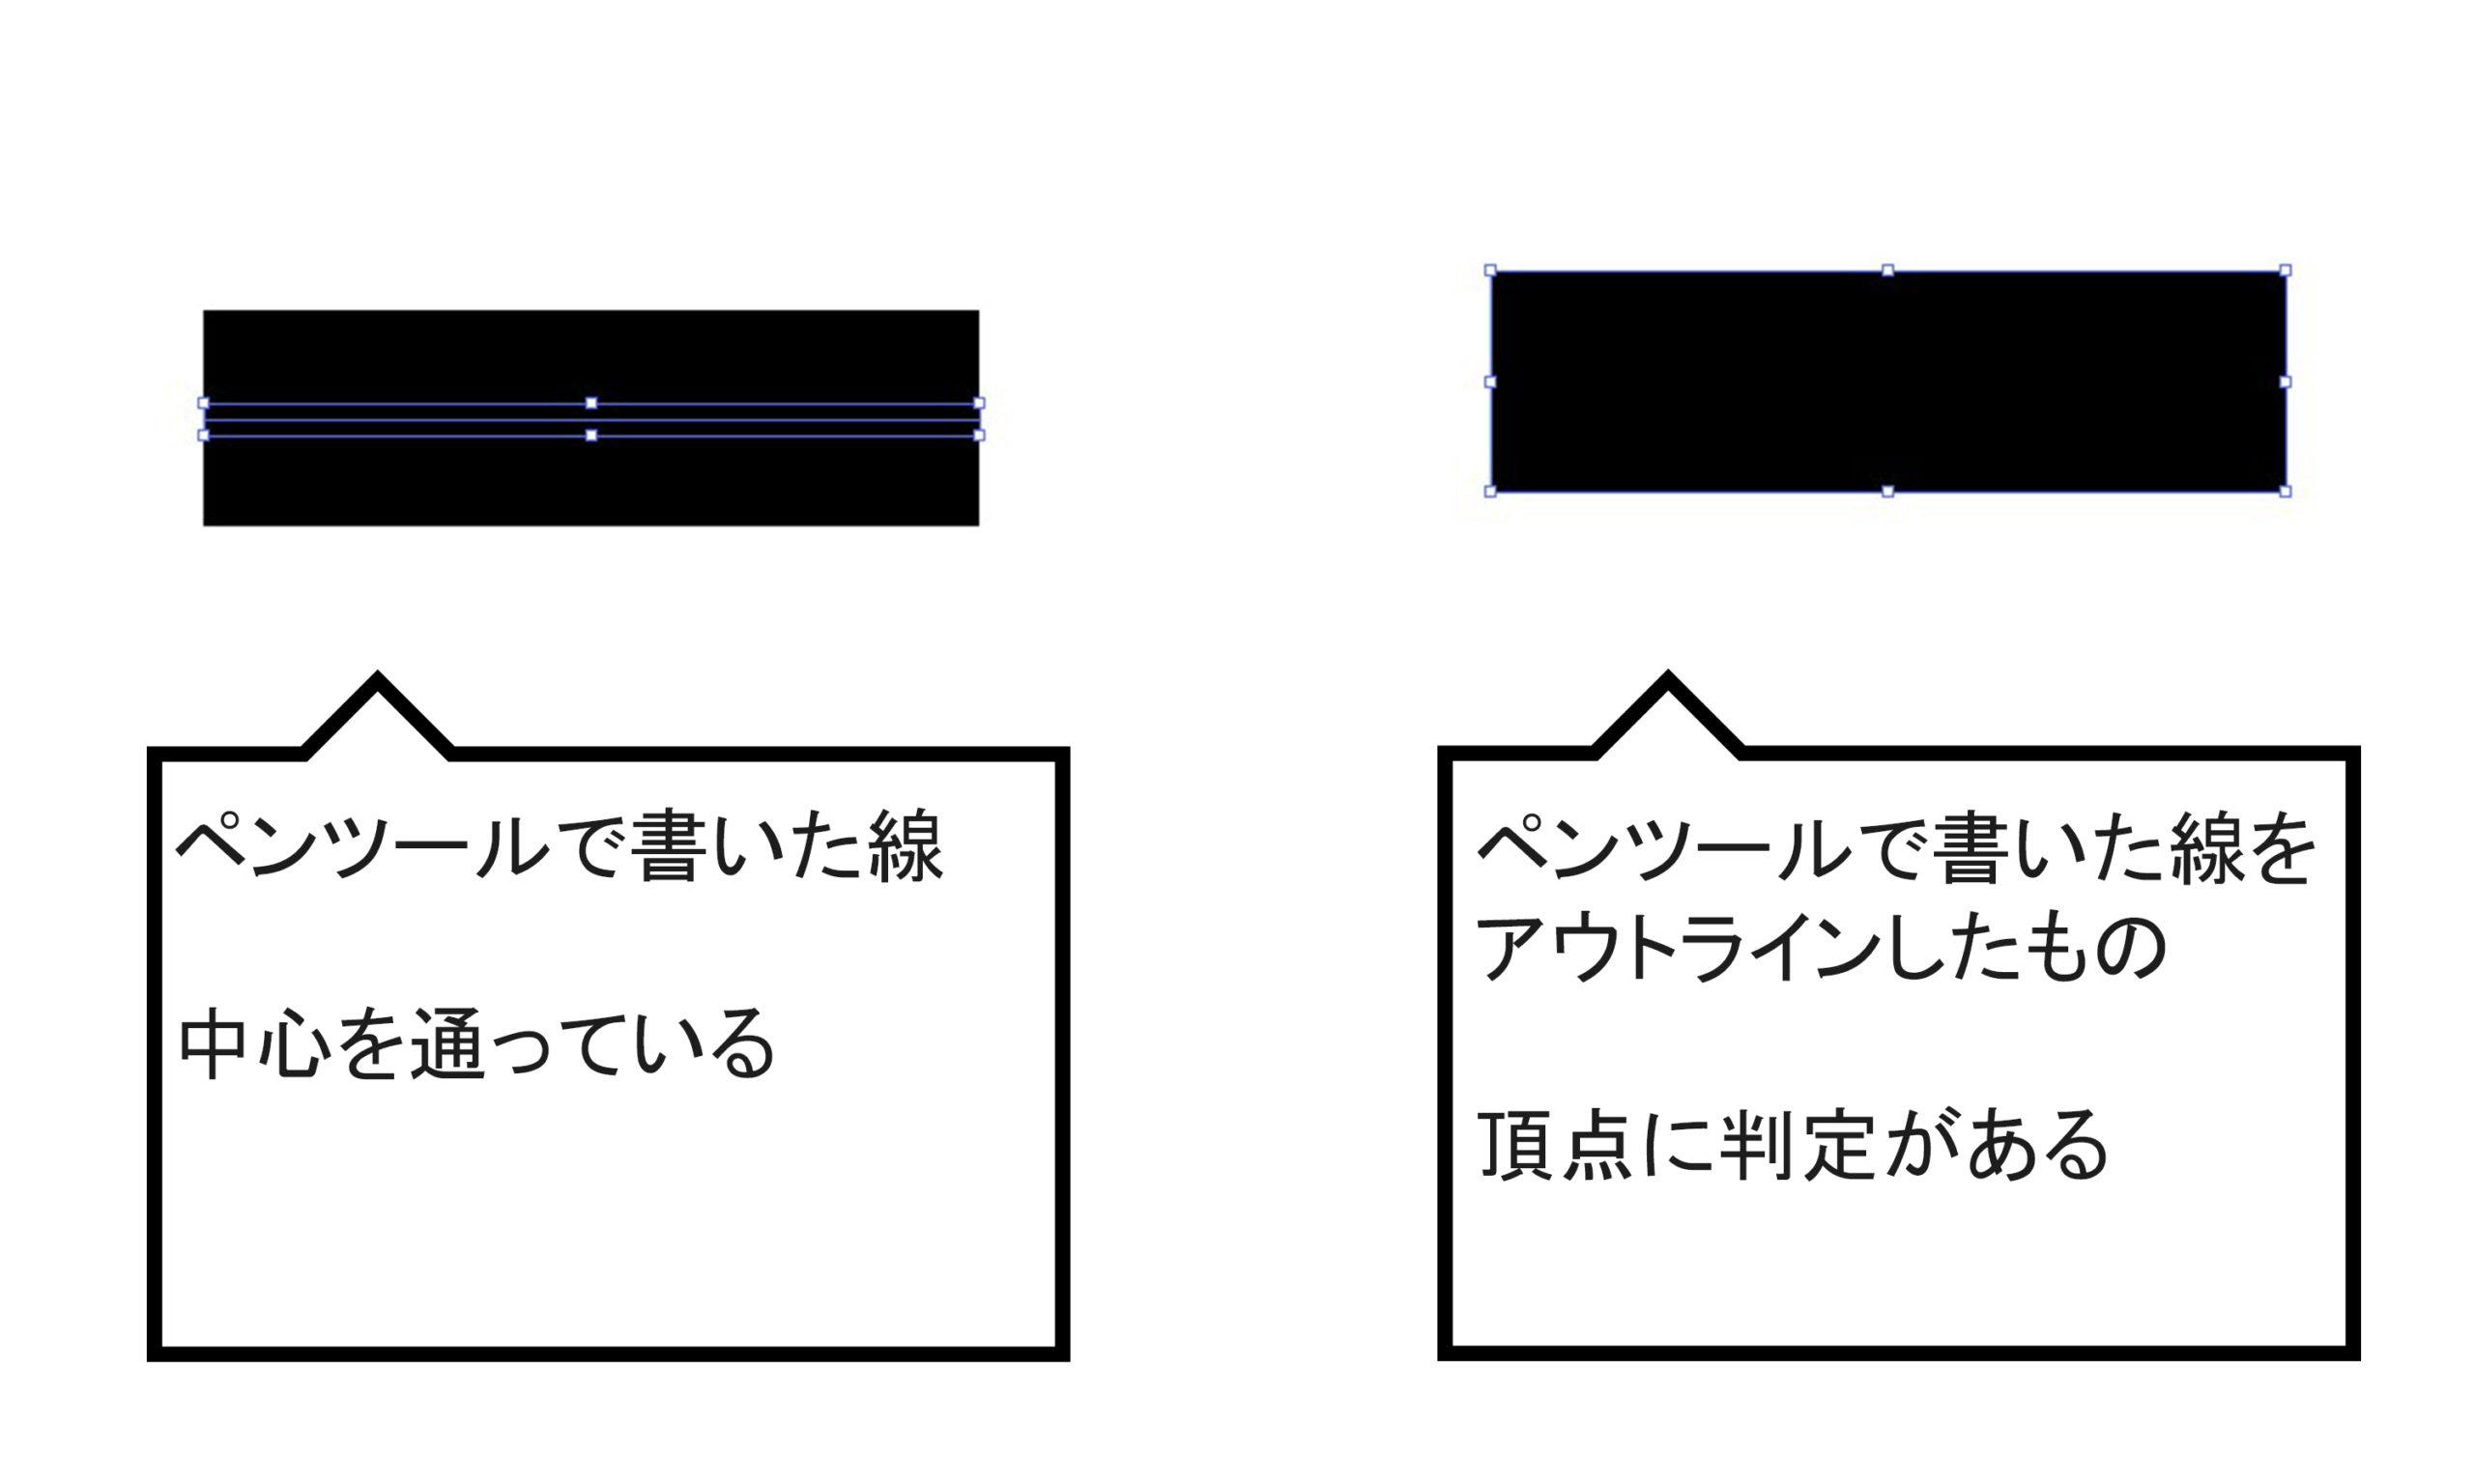 ラインのアウトライン化説明画像